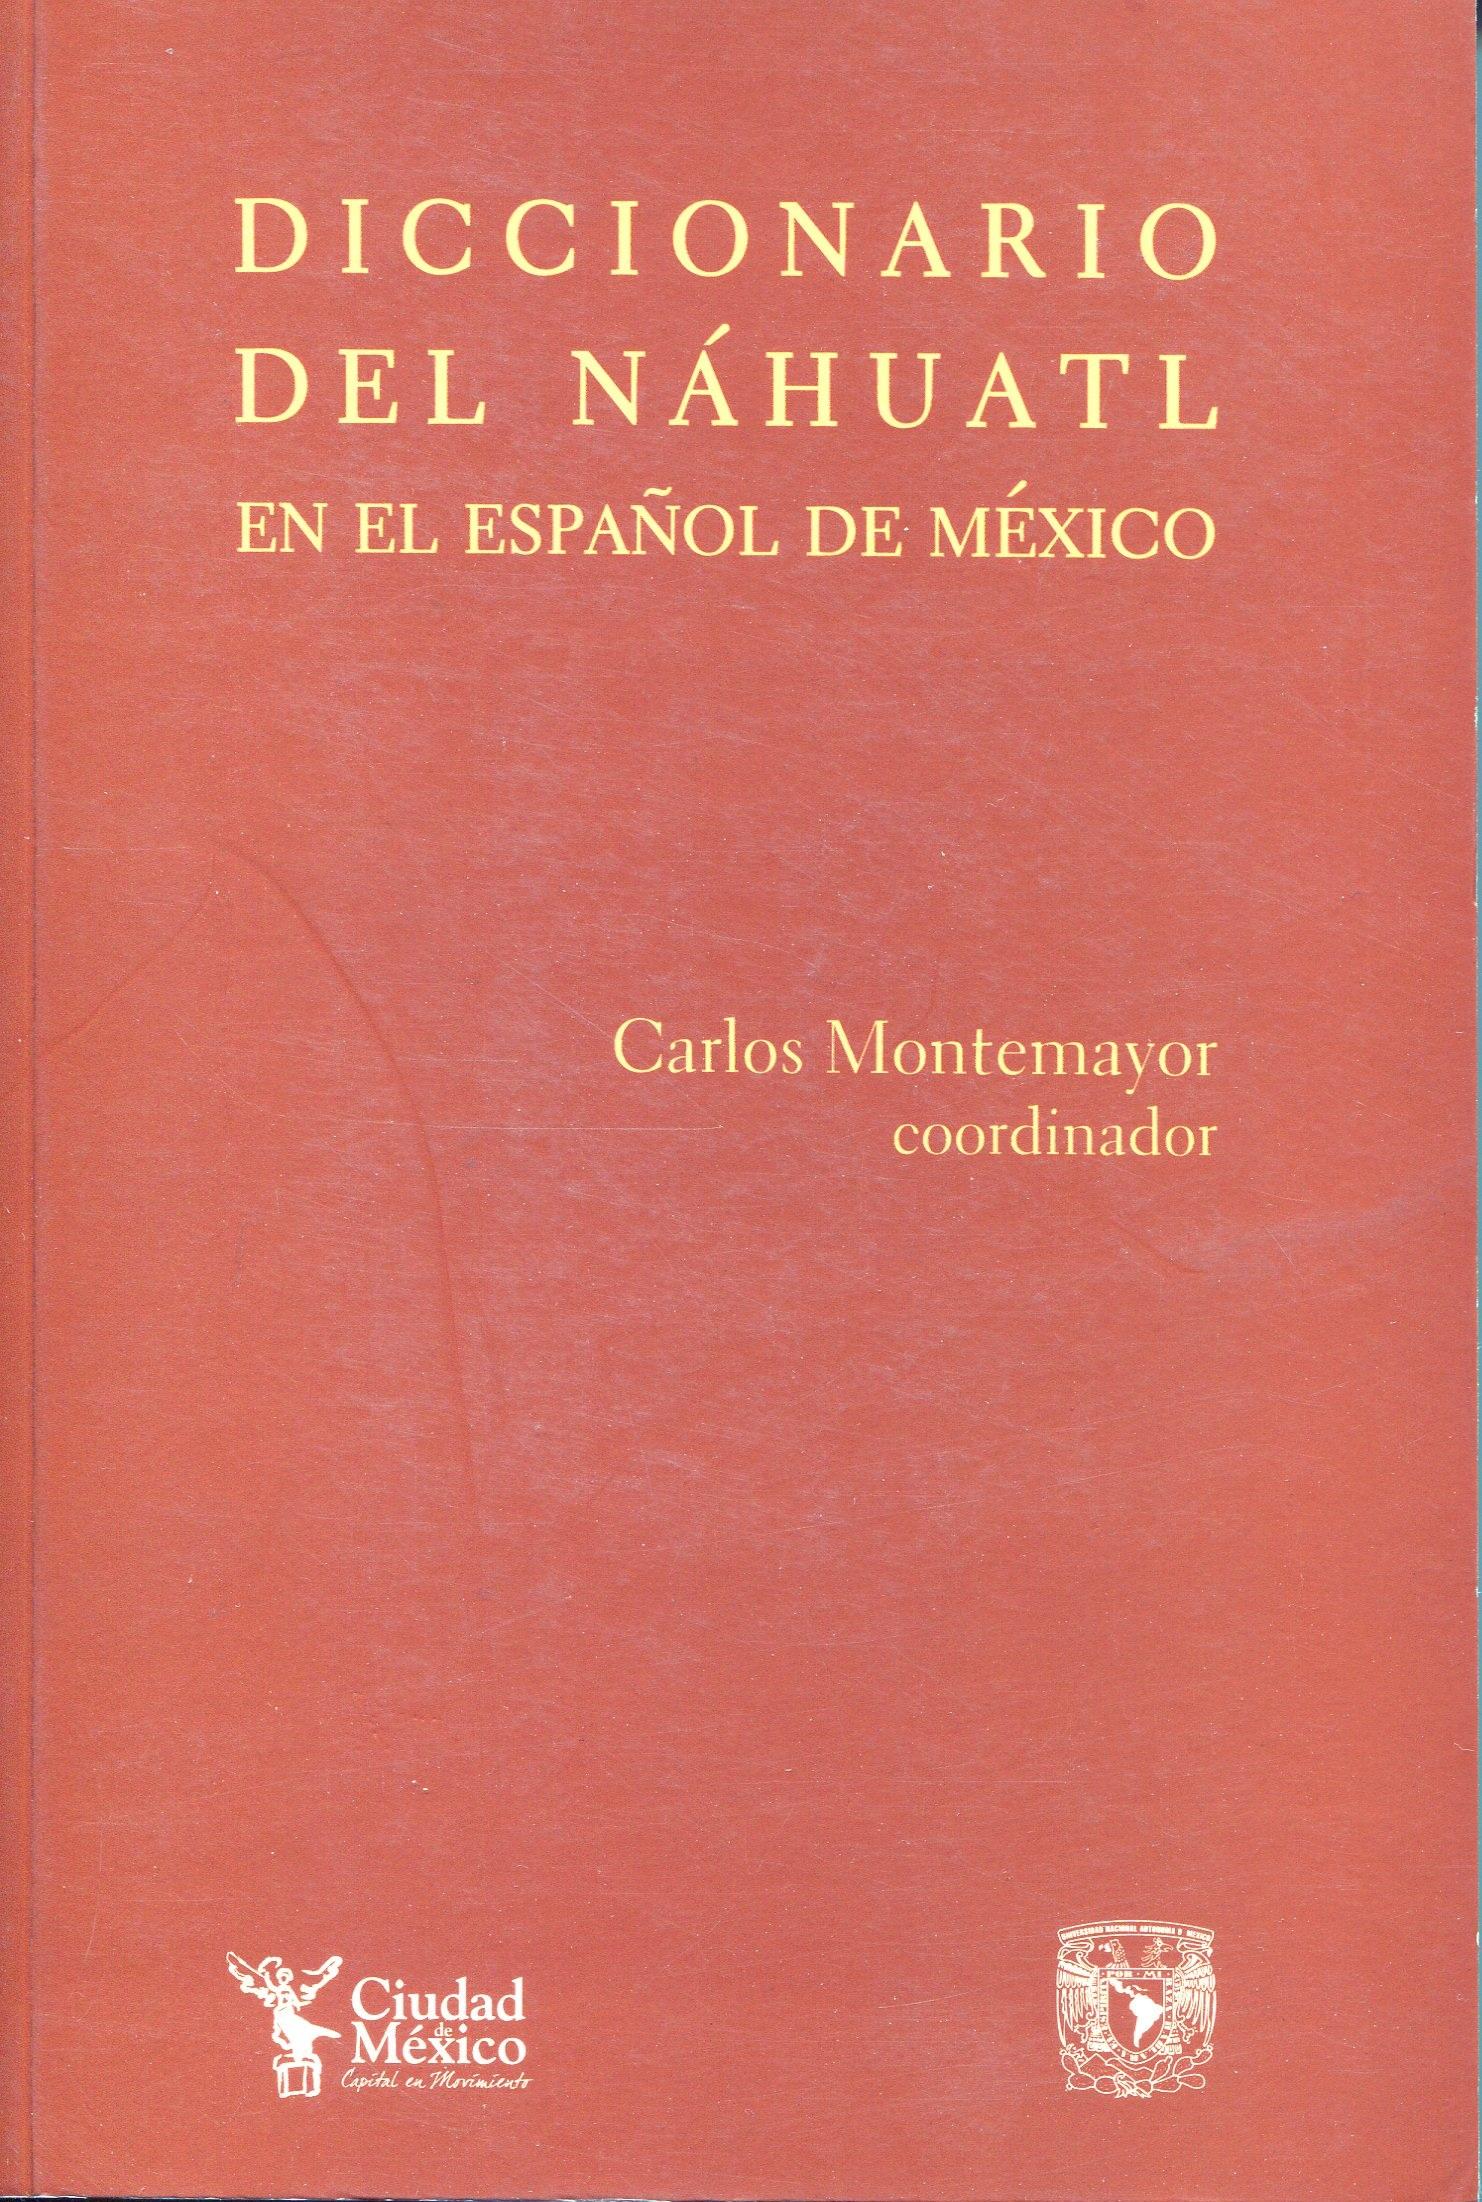 Diccionario del Náhuatl